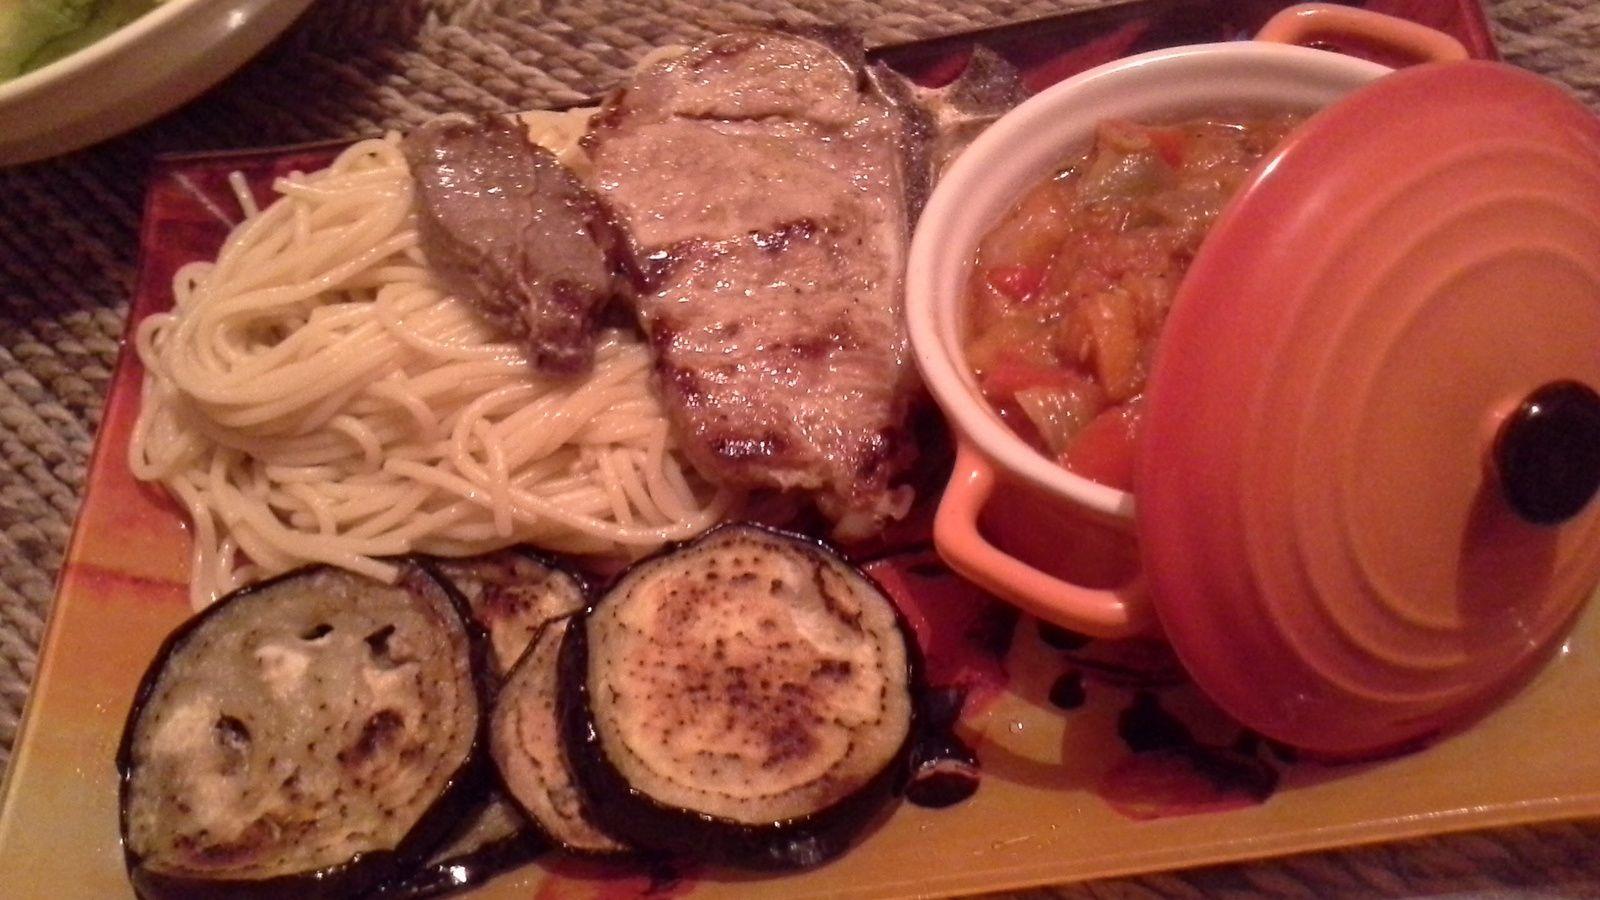 côtes de veau,filet de boeuf,aubergines à la plancha et leur ratatouille de légumes de saison.